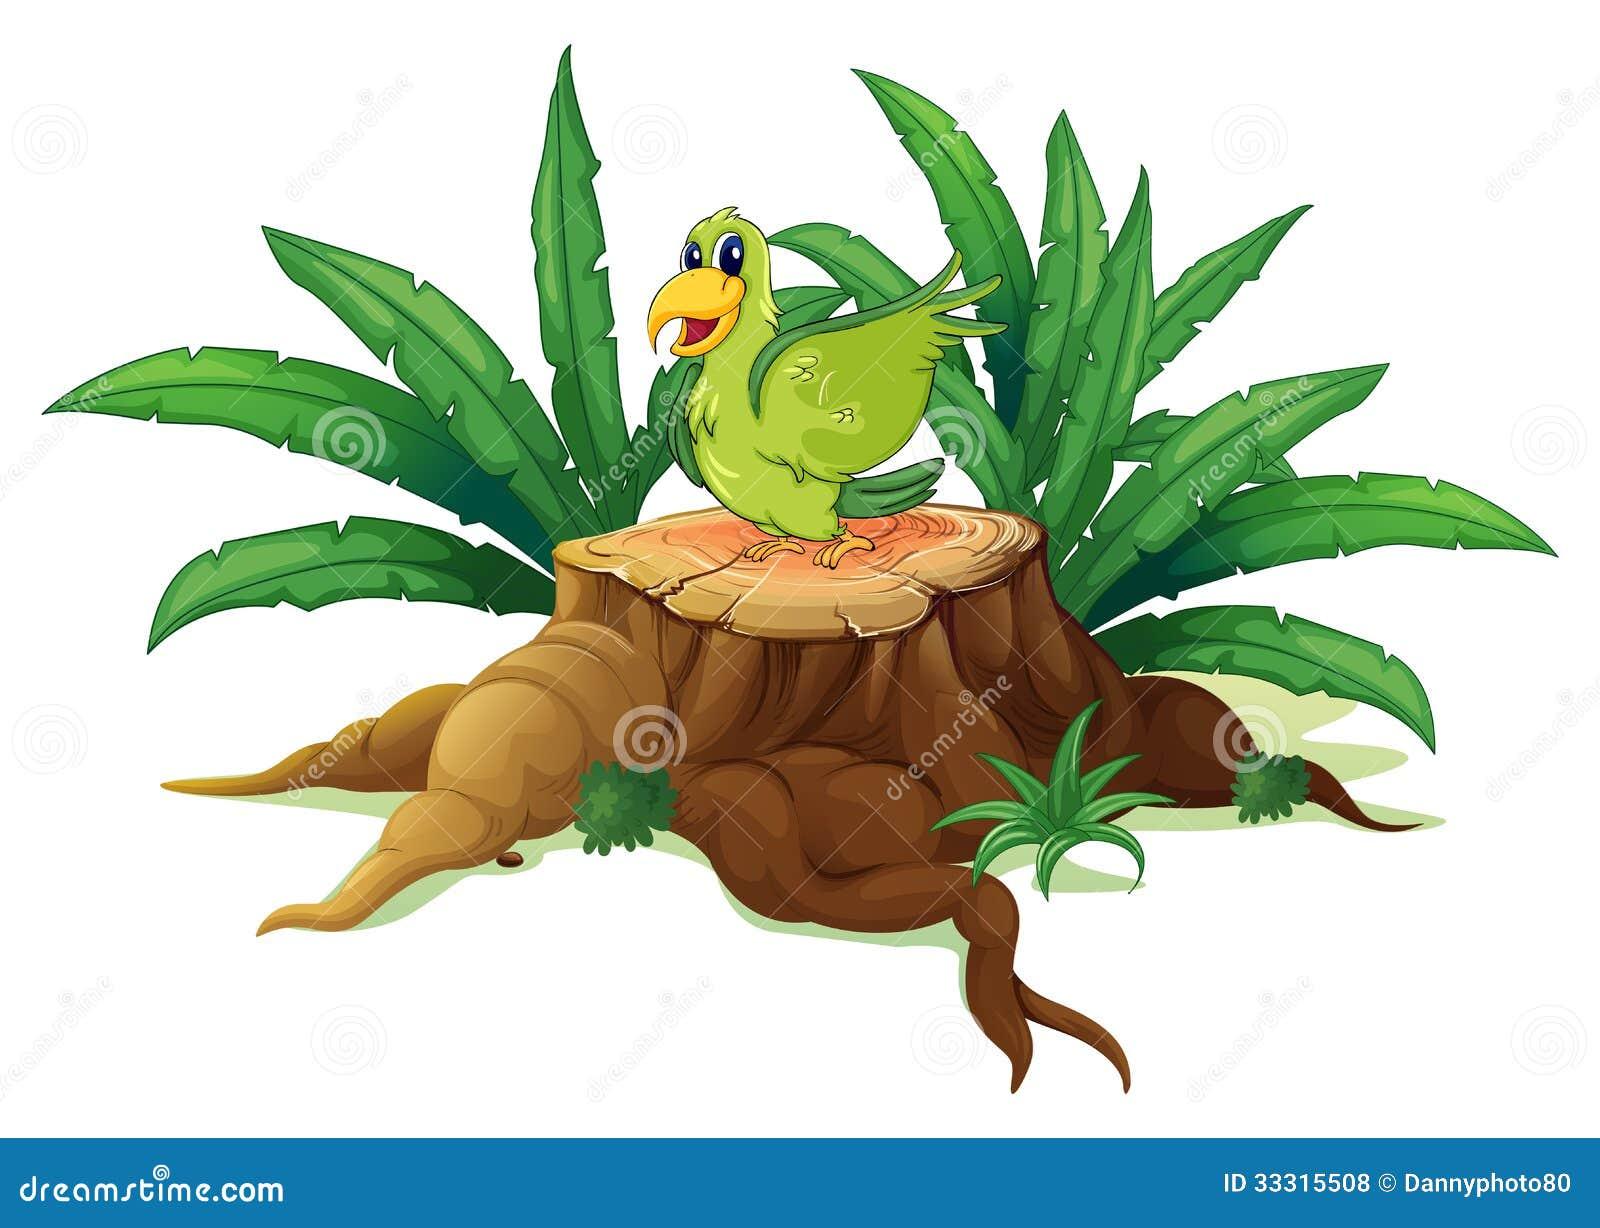 在树干上的一只绿色鸟